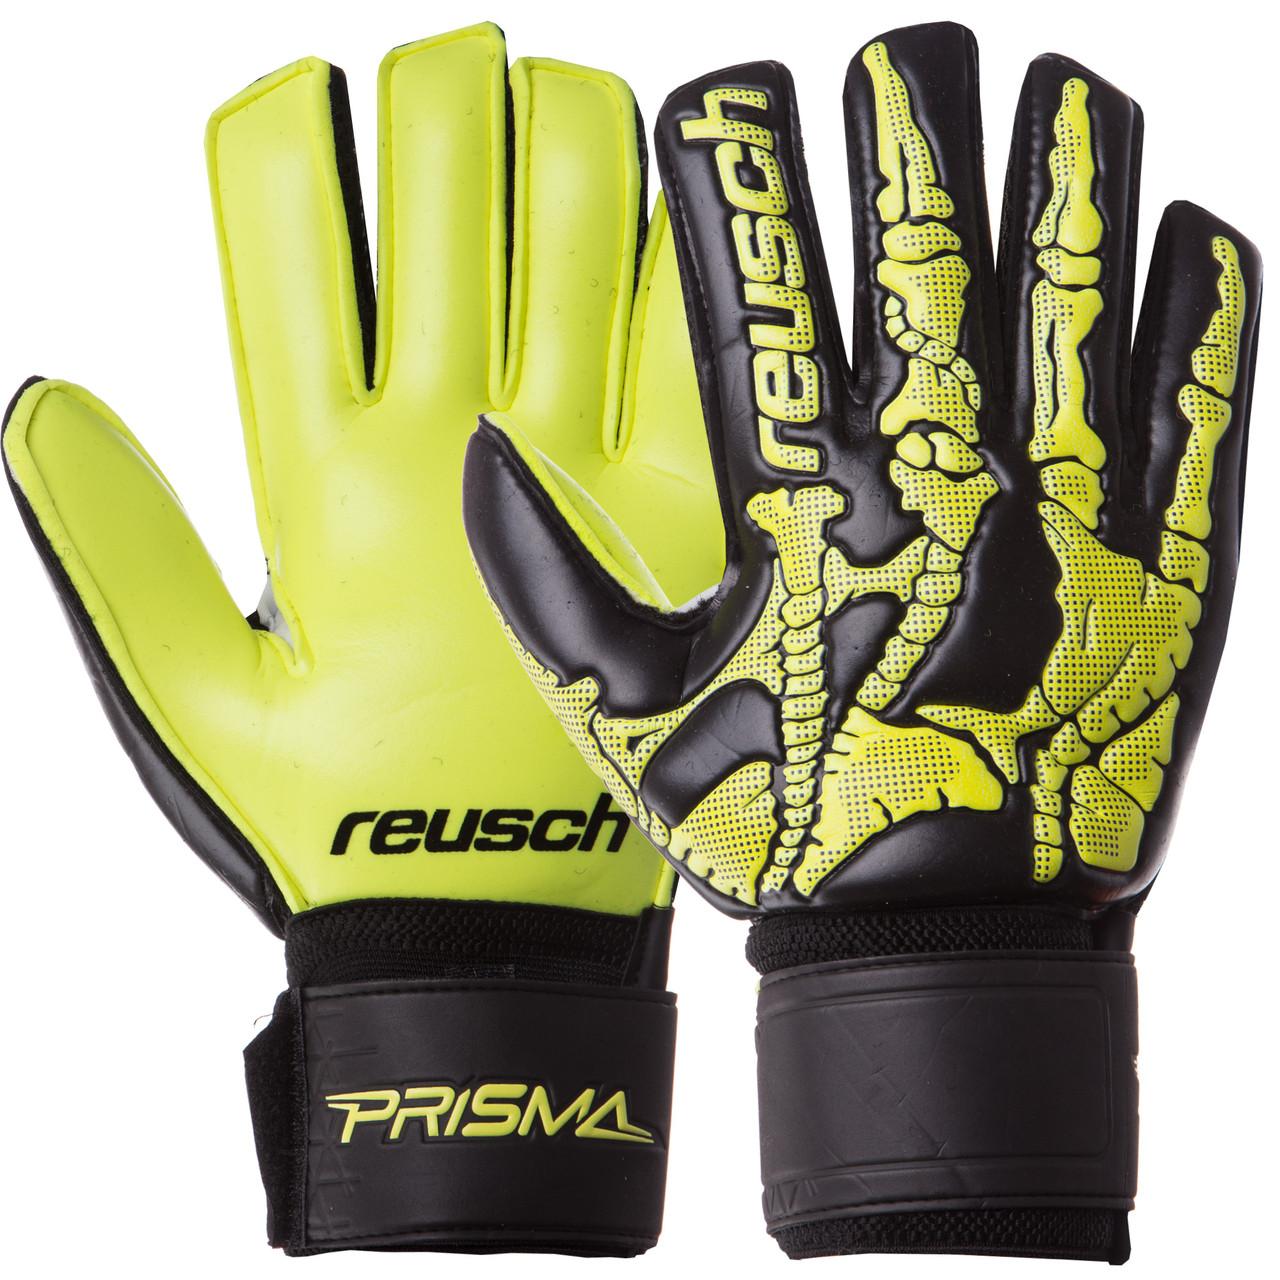 Перчатки для футбола с защитными вставками на пальцы REUSCH черно-лимонные FB-935, 10